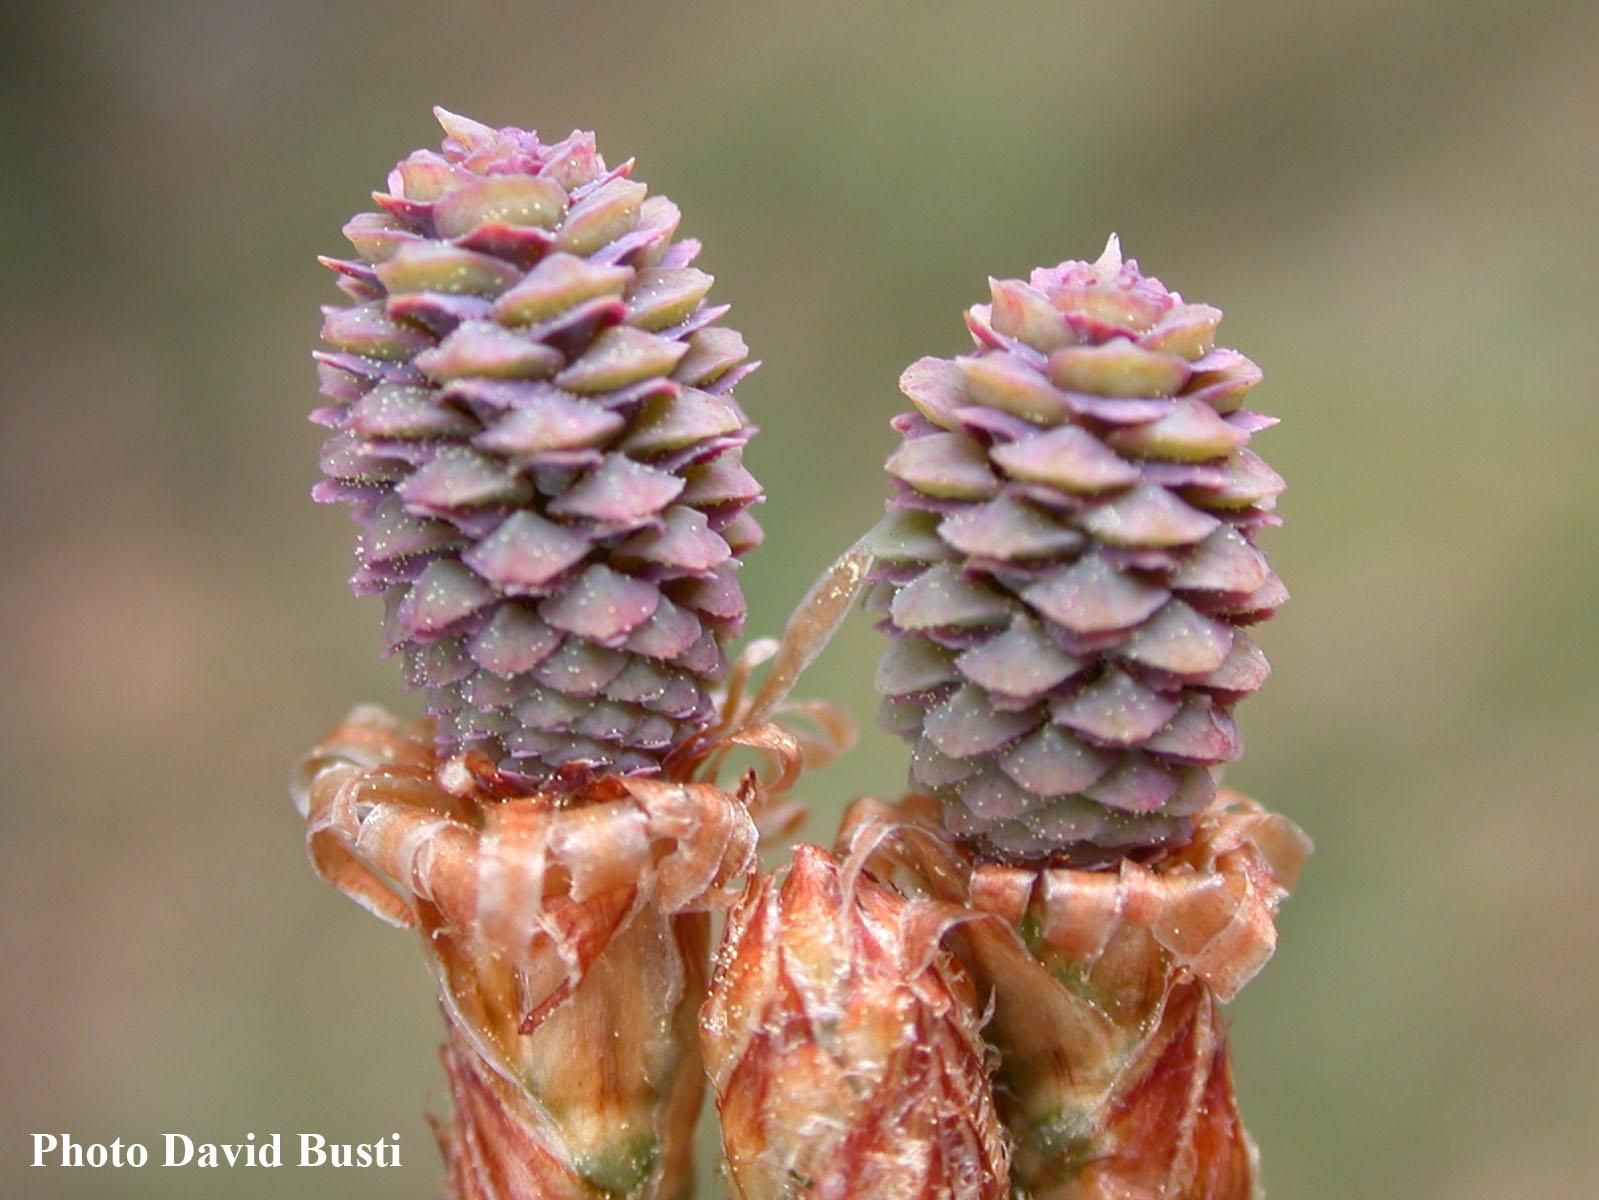 Pinus-halepensis-cones-femelles.jpg